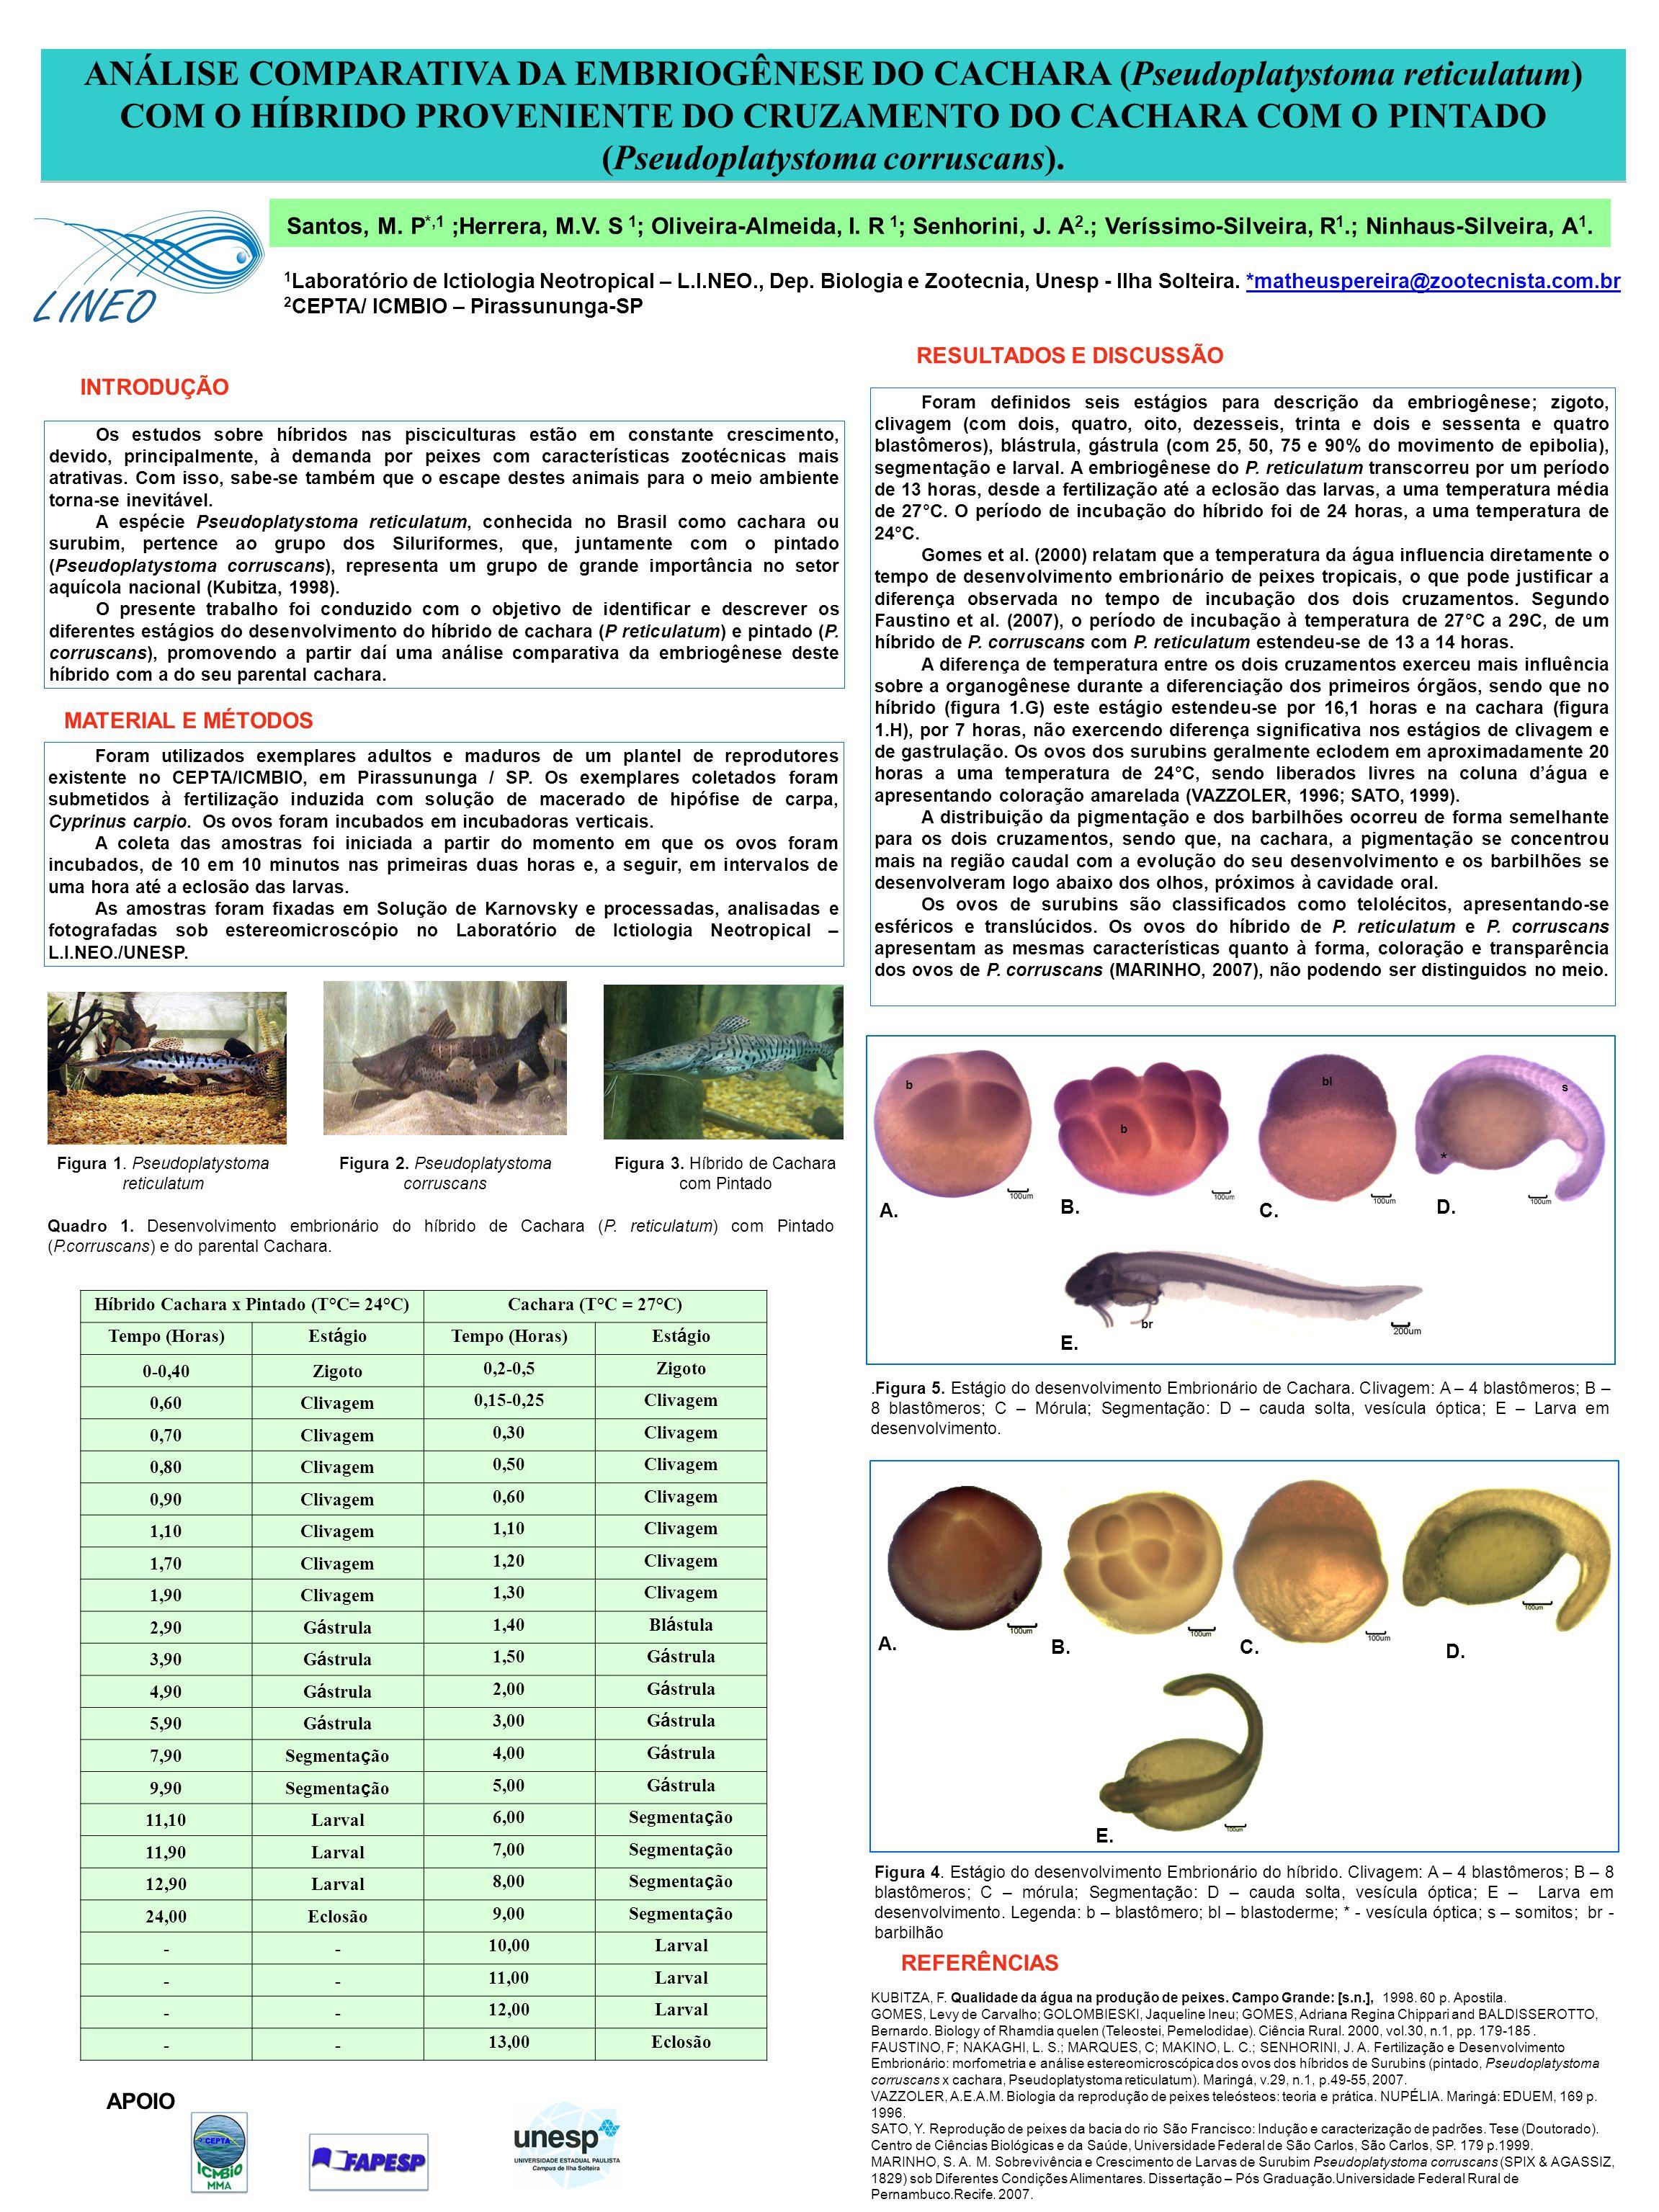 RESULTADOS E DISCUSSÃO Híbrido Cachara x Pintado (T°C= 24°C)